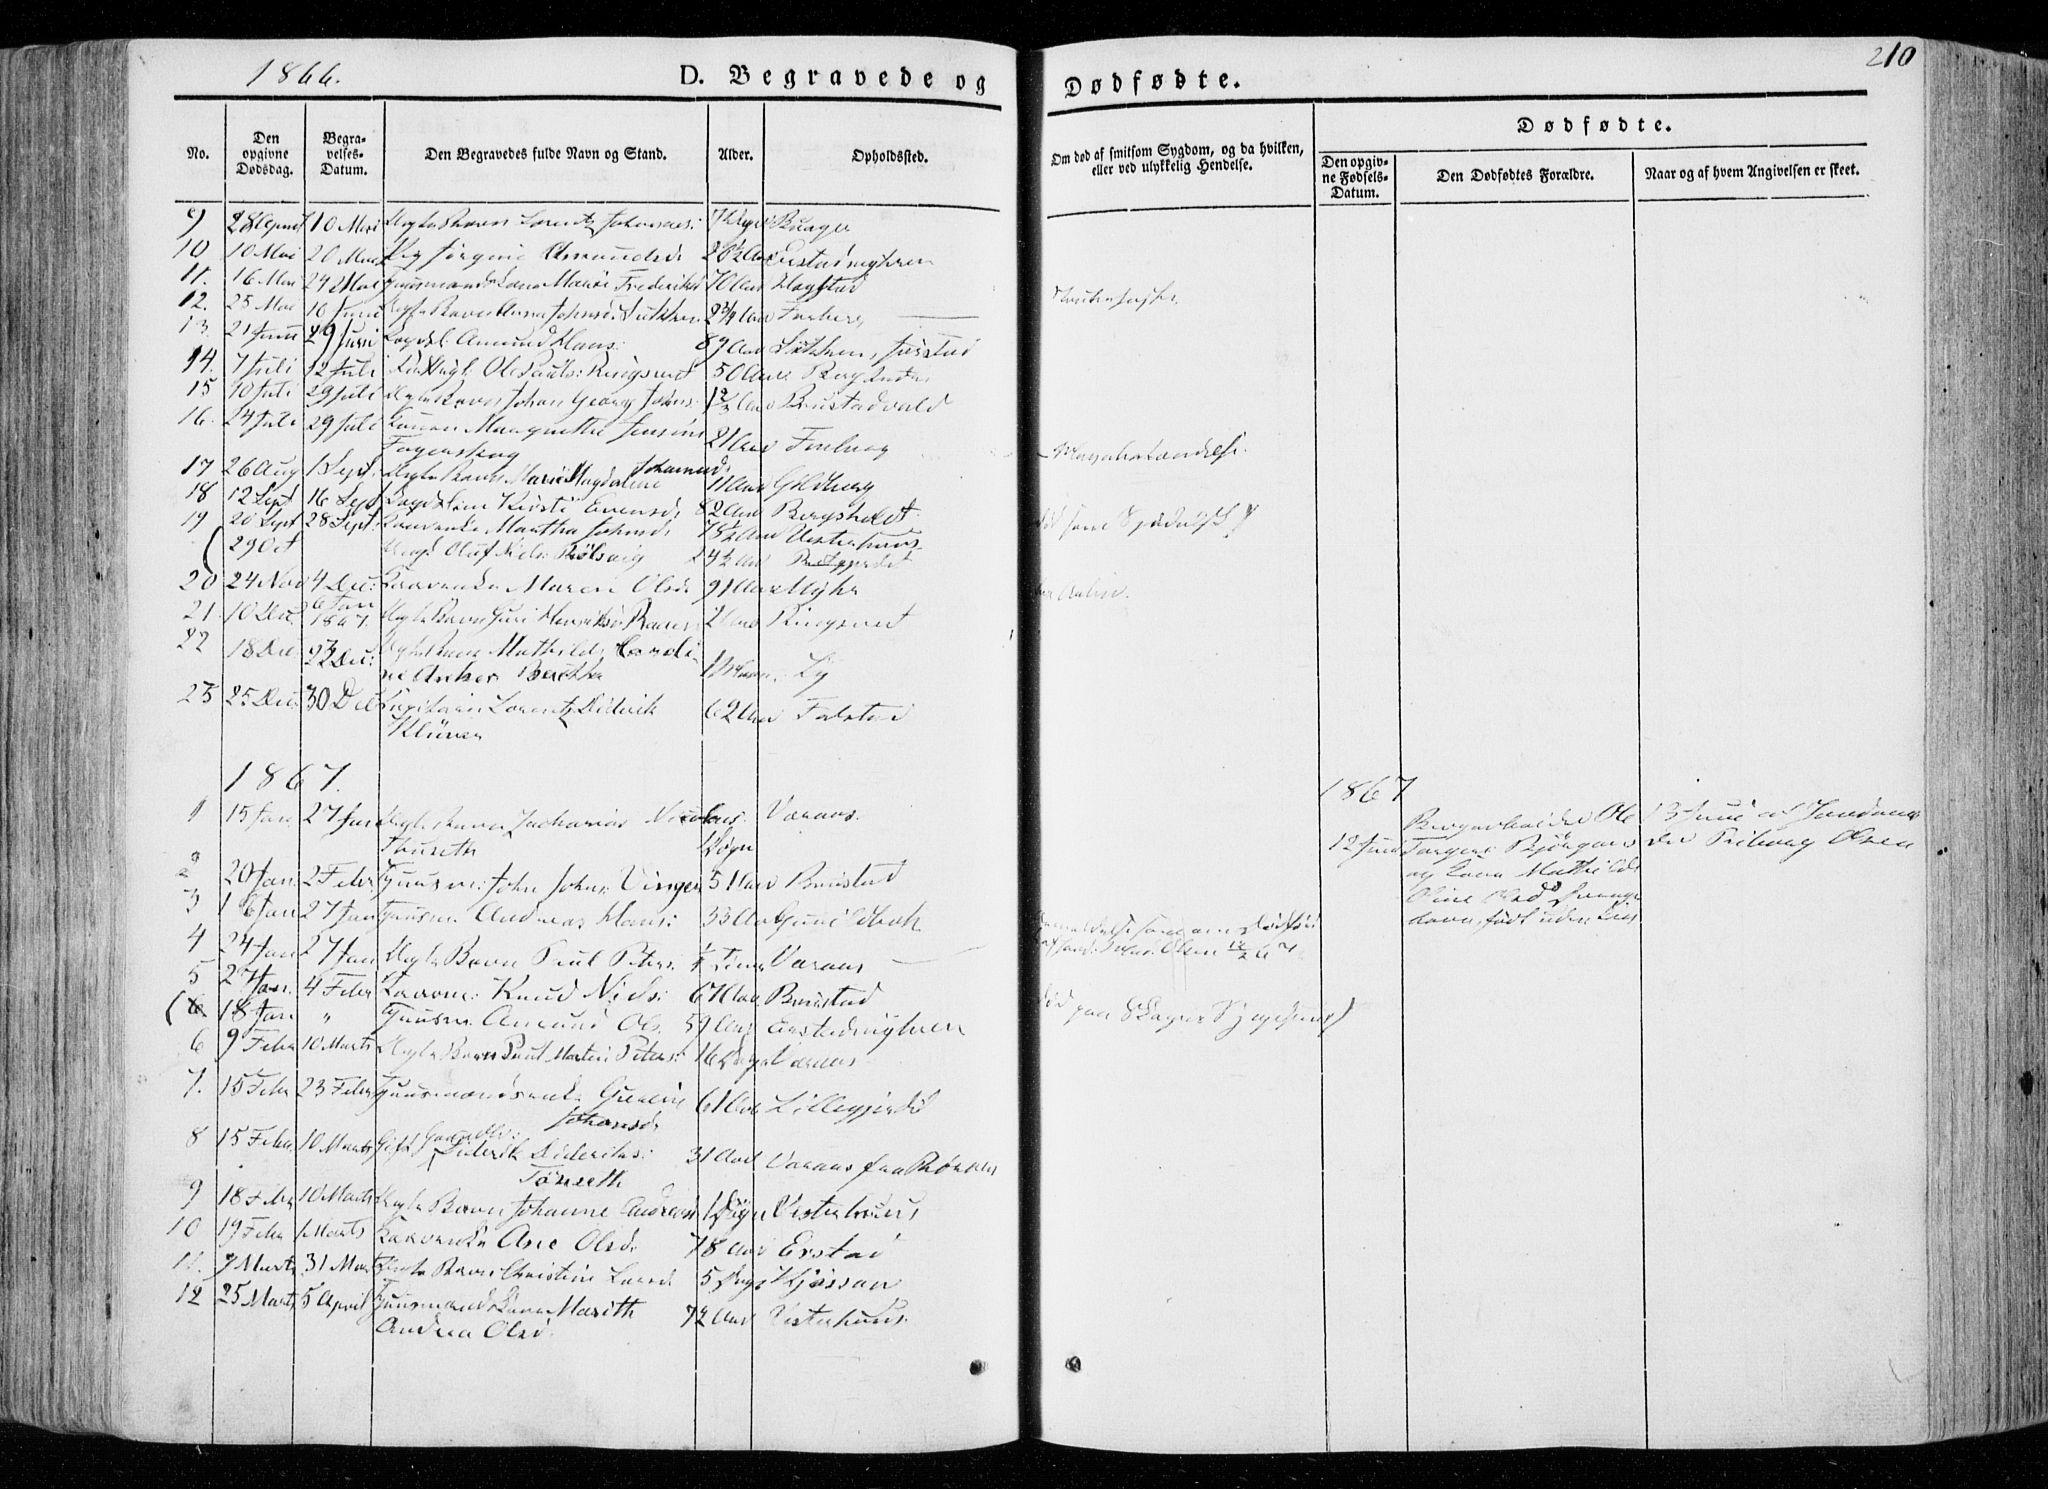 SAT, Ministerialprotokoller, klokkerbøker og fødselsregistre - Nord-Trøndelag, 722/L0218: Ministerialbok nr. 722A05, 1843-1868, s. 210